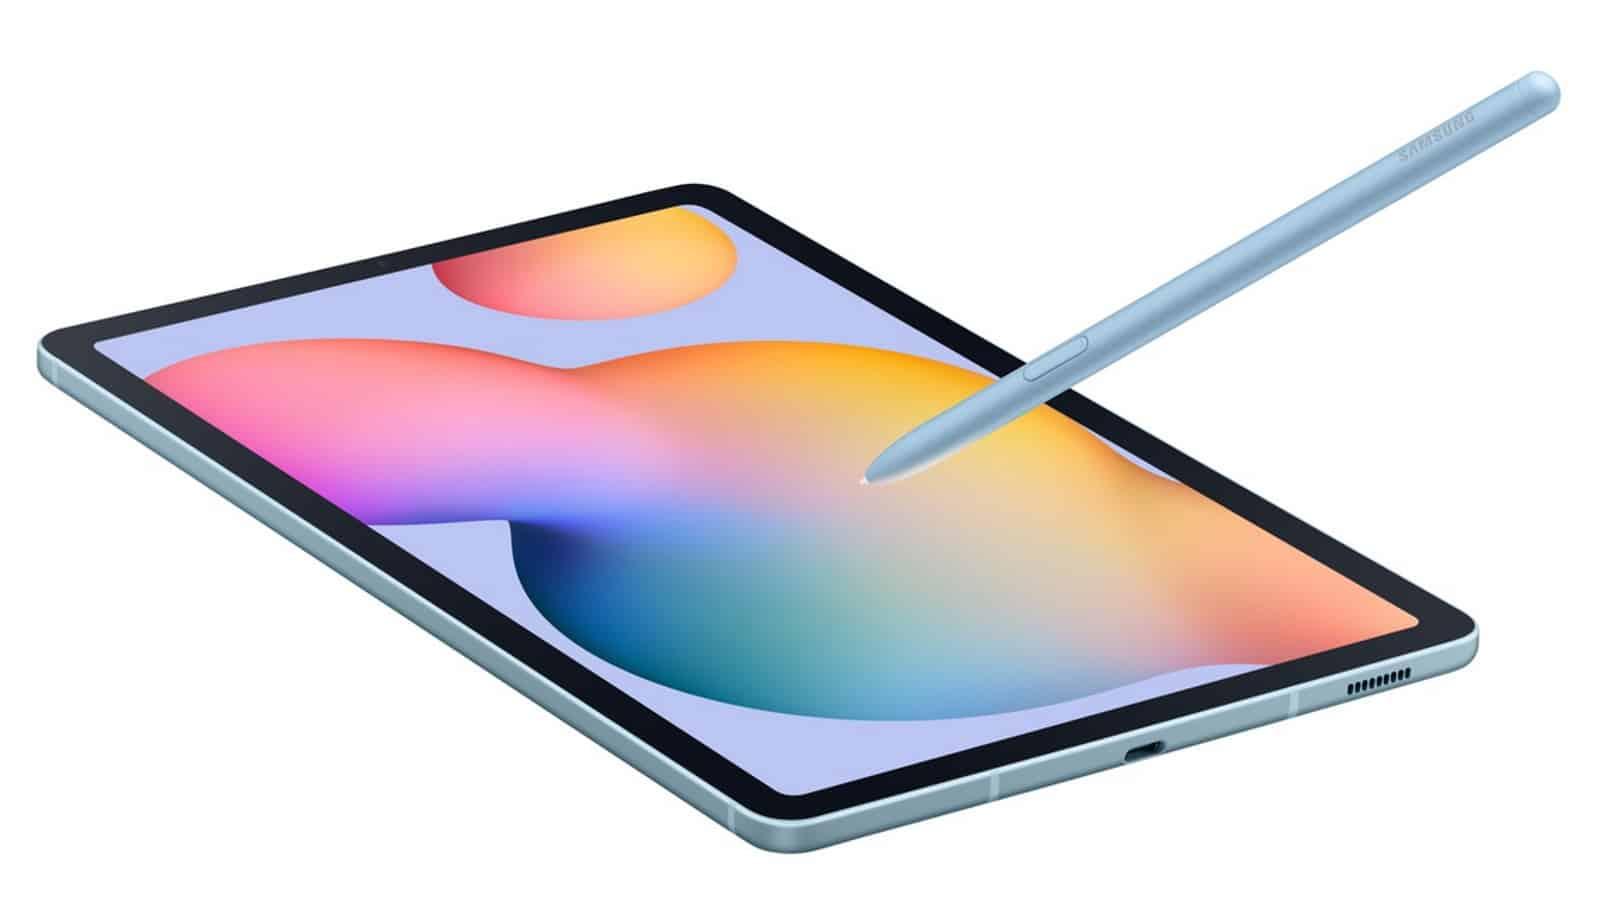 Il prossimo Samsung Galaxy Tab S7+ potrebbe avere una batteria da oltre 10.000mAh (aggiornato)